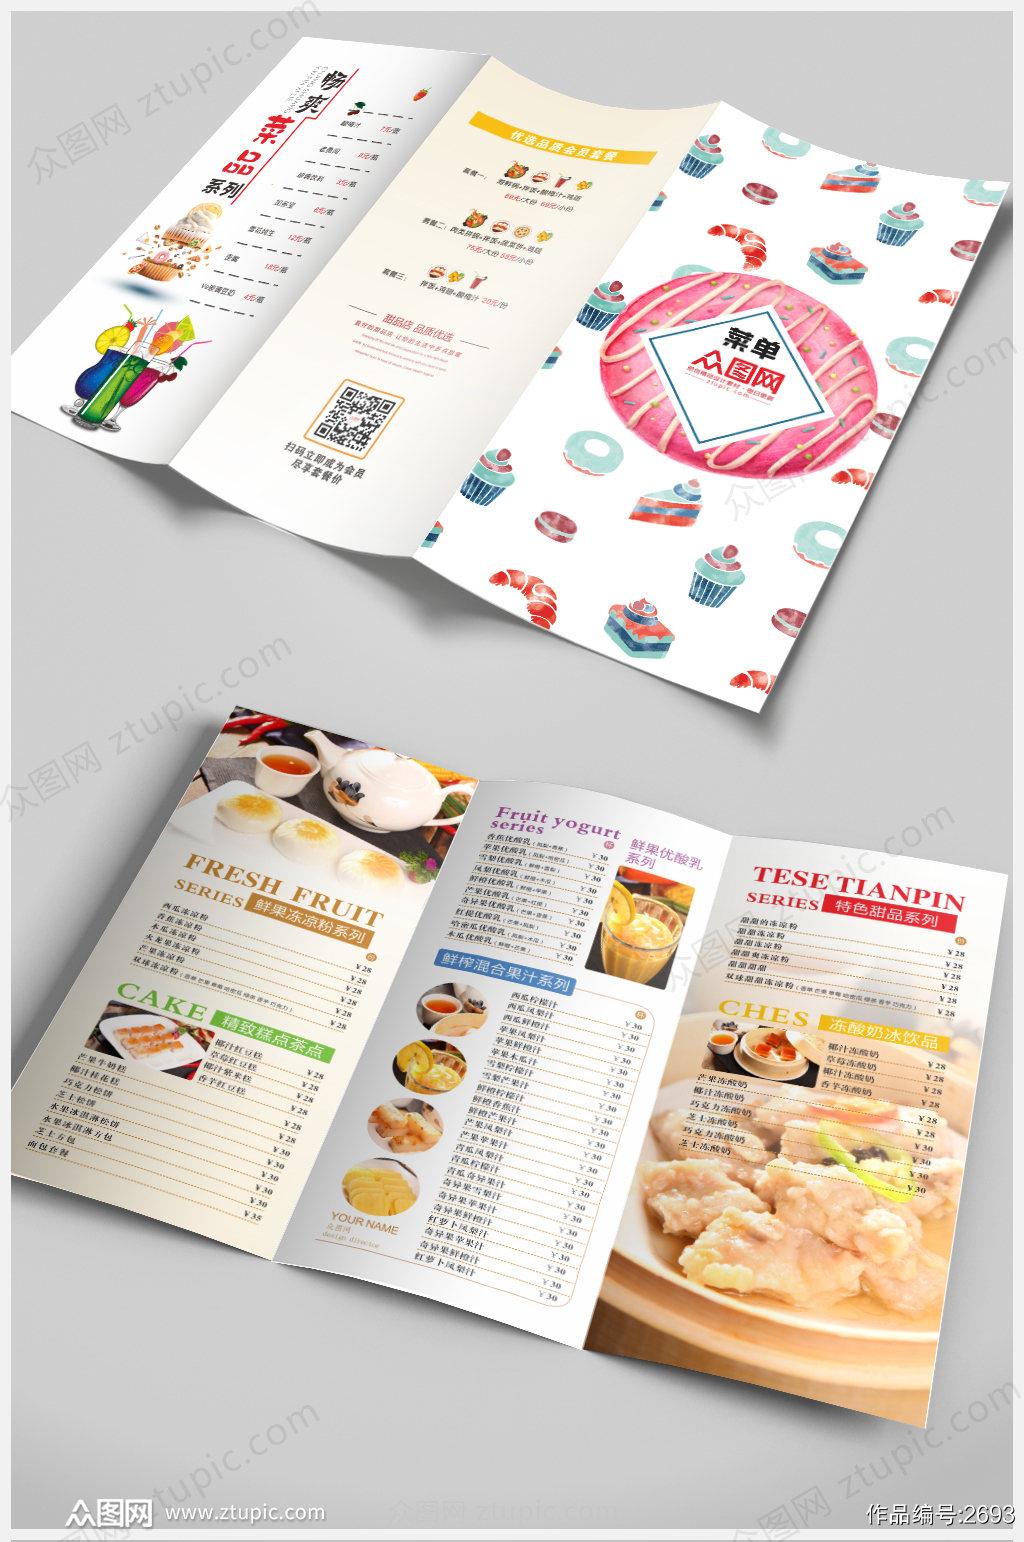 甜品店饮料店餐厅菜单三折页素材